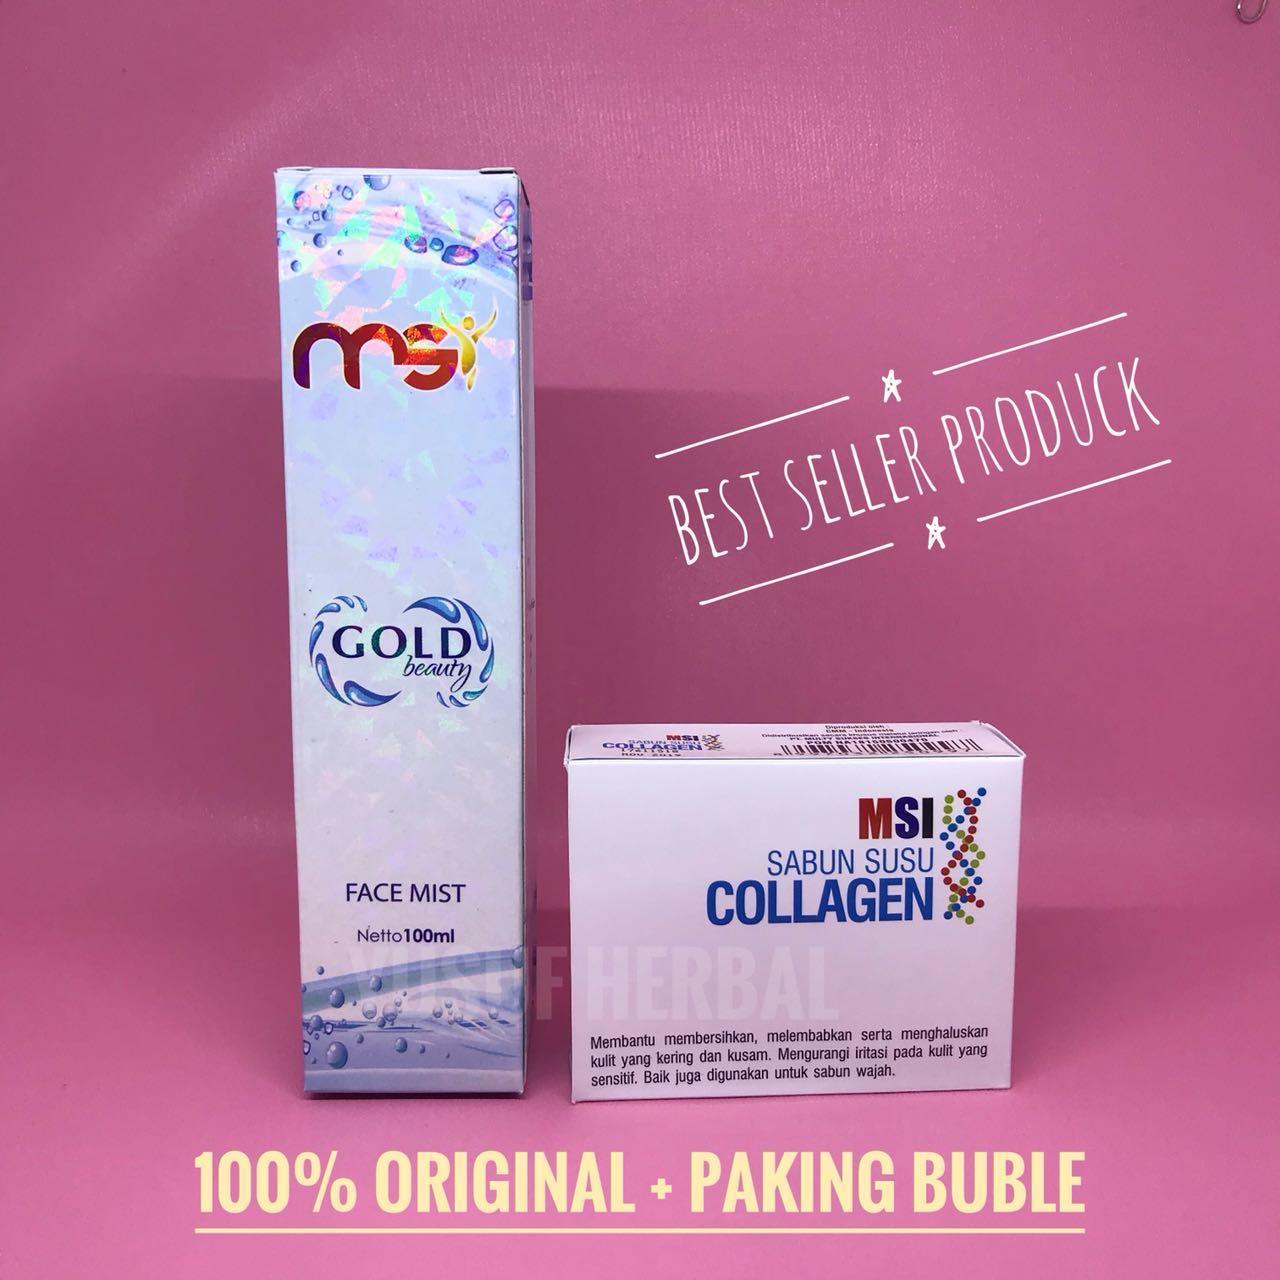 Kelebihan Promo Sale Kecantikan Perawatan Wajah Msi Silver Ion Bio Spray Perak Original Member Paket Face Mist Sabun Colagen Flek Hitam Dan Jerawat